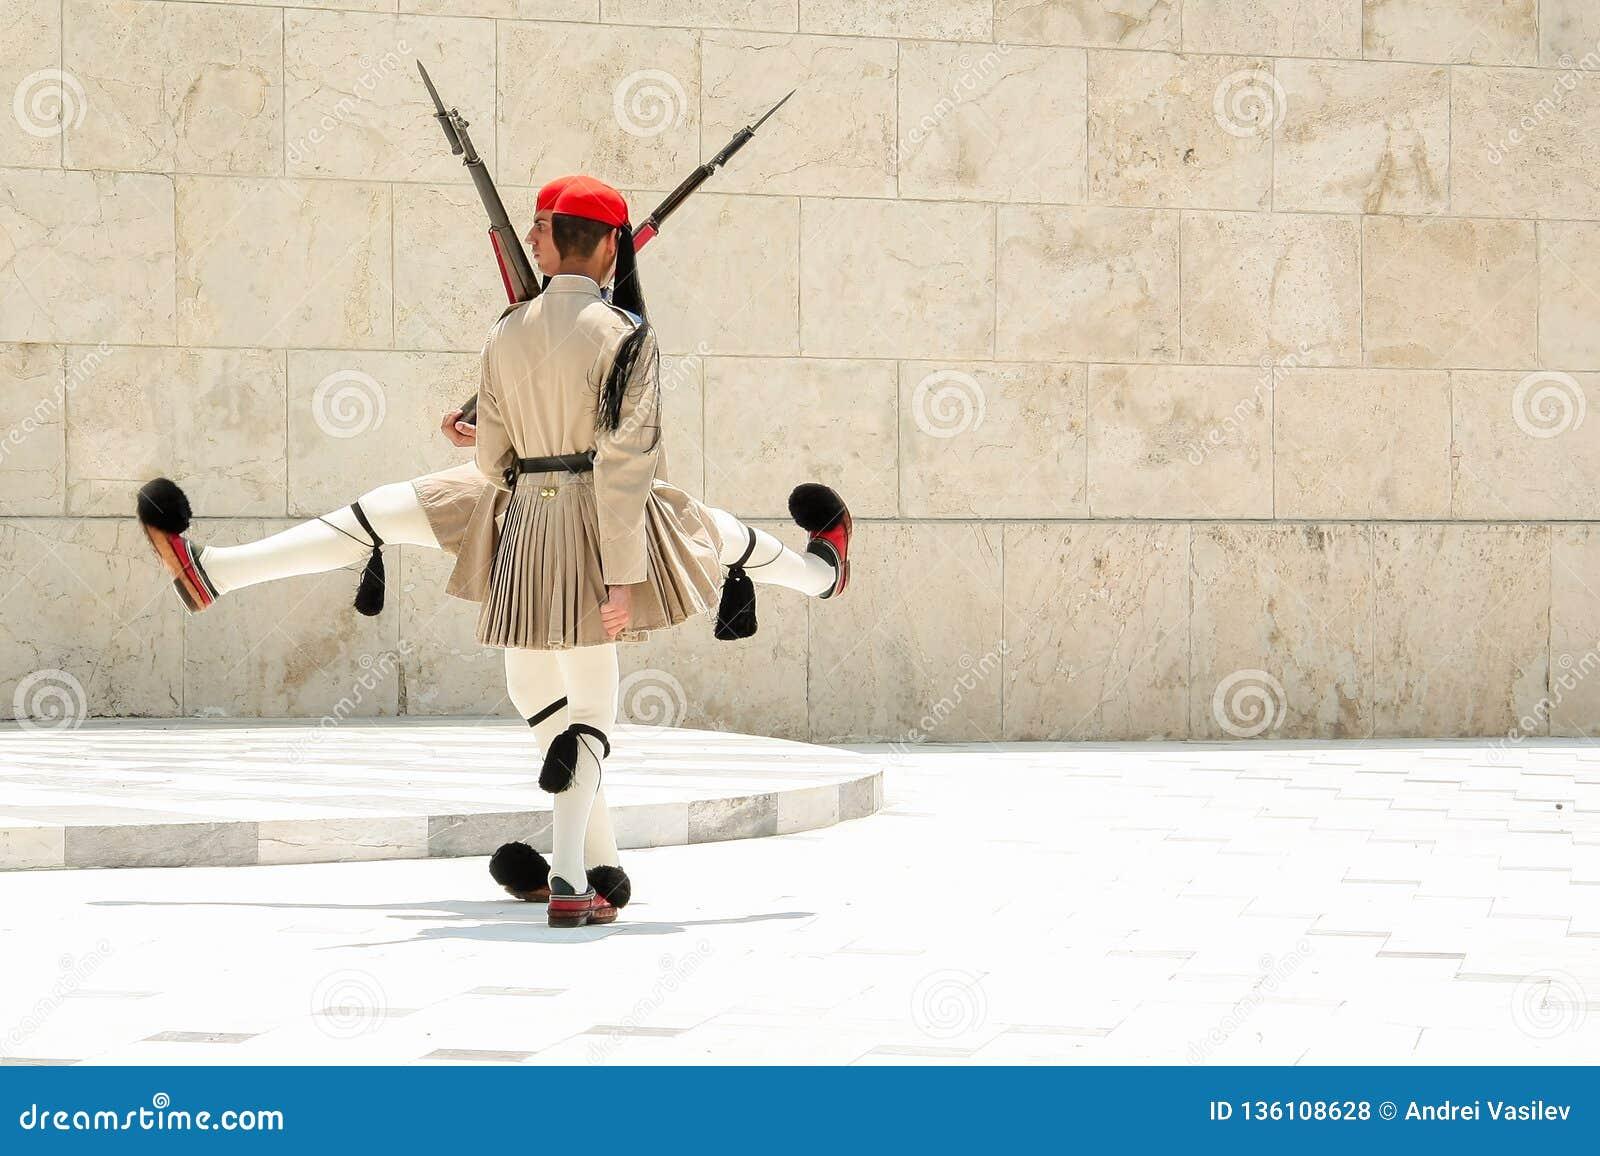 ΑΘΗΝΑ, ΕΛΛΑΔΑ - 6 ΙΟΥΛΊΟΥ 2012 - ο αστείος χορός Evzones, ελληνικοί στρατιώτες της προεδρικής φρουράς πλήρη σε ομοιόμορφο, κατά τ